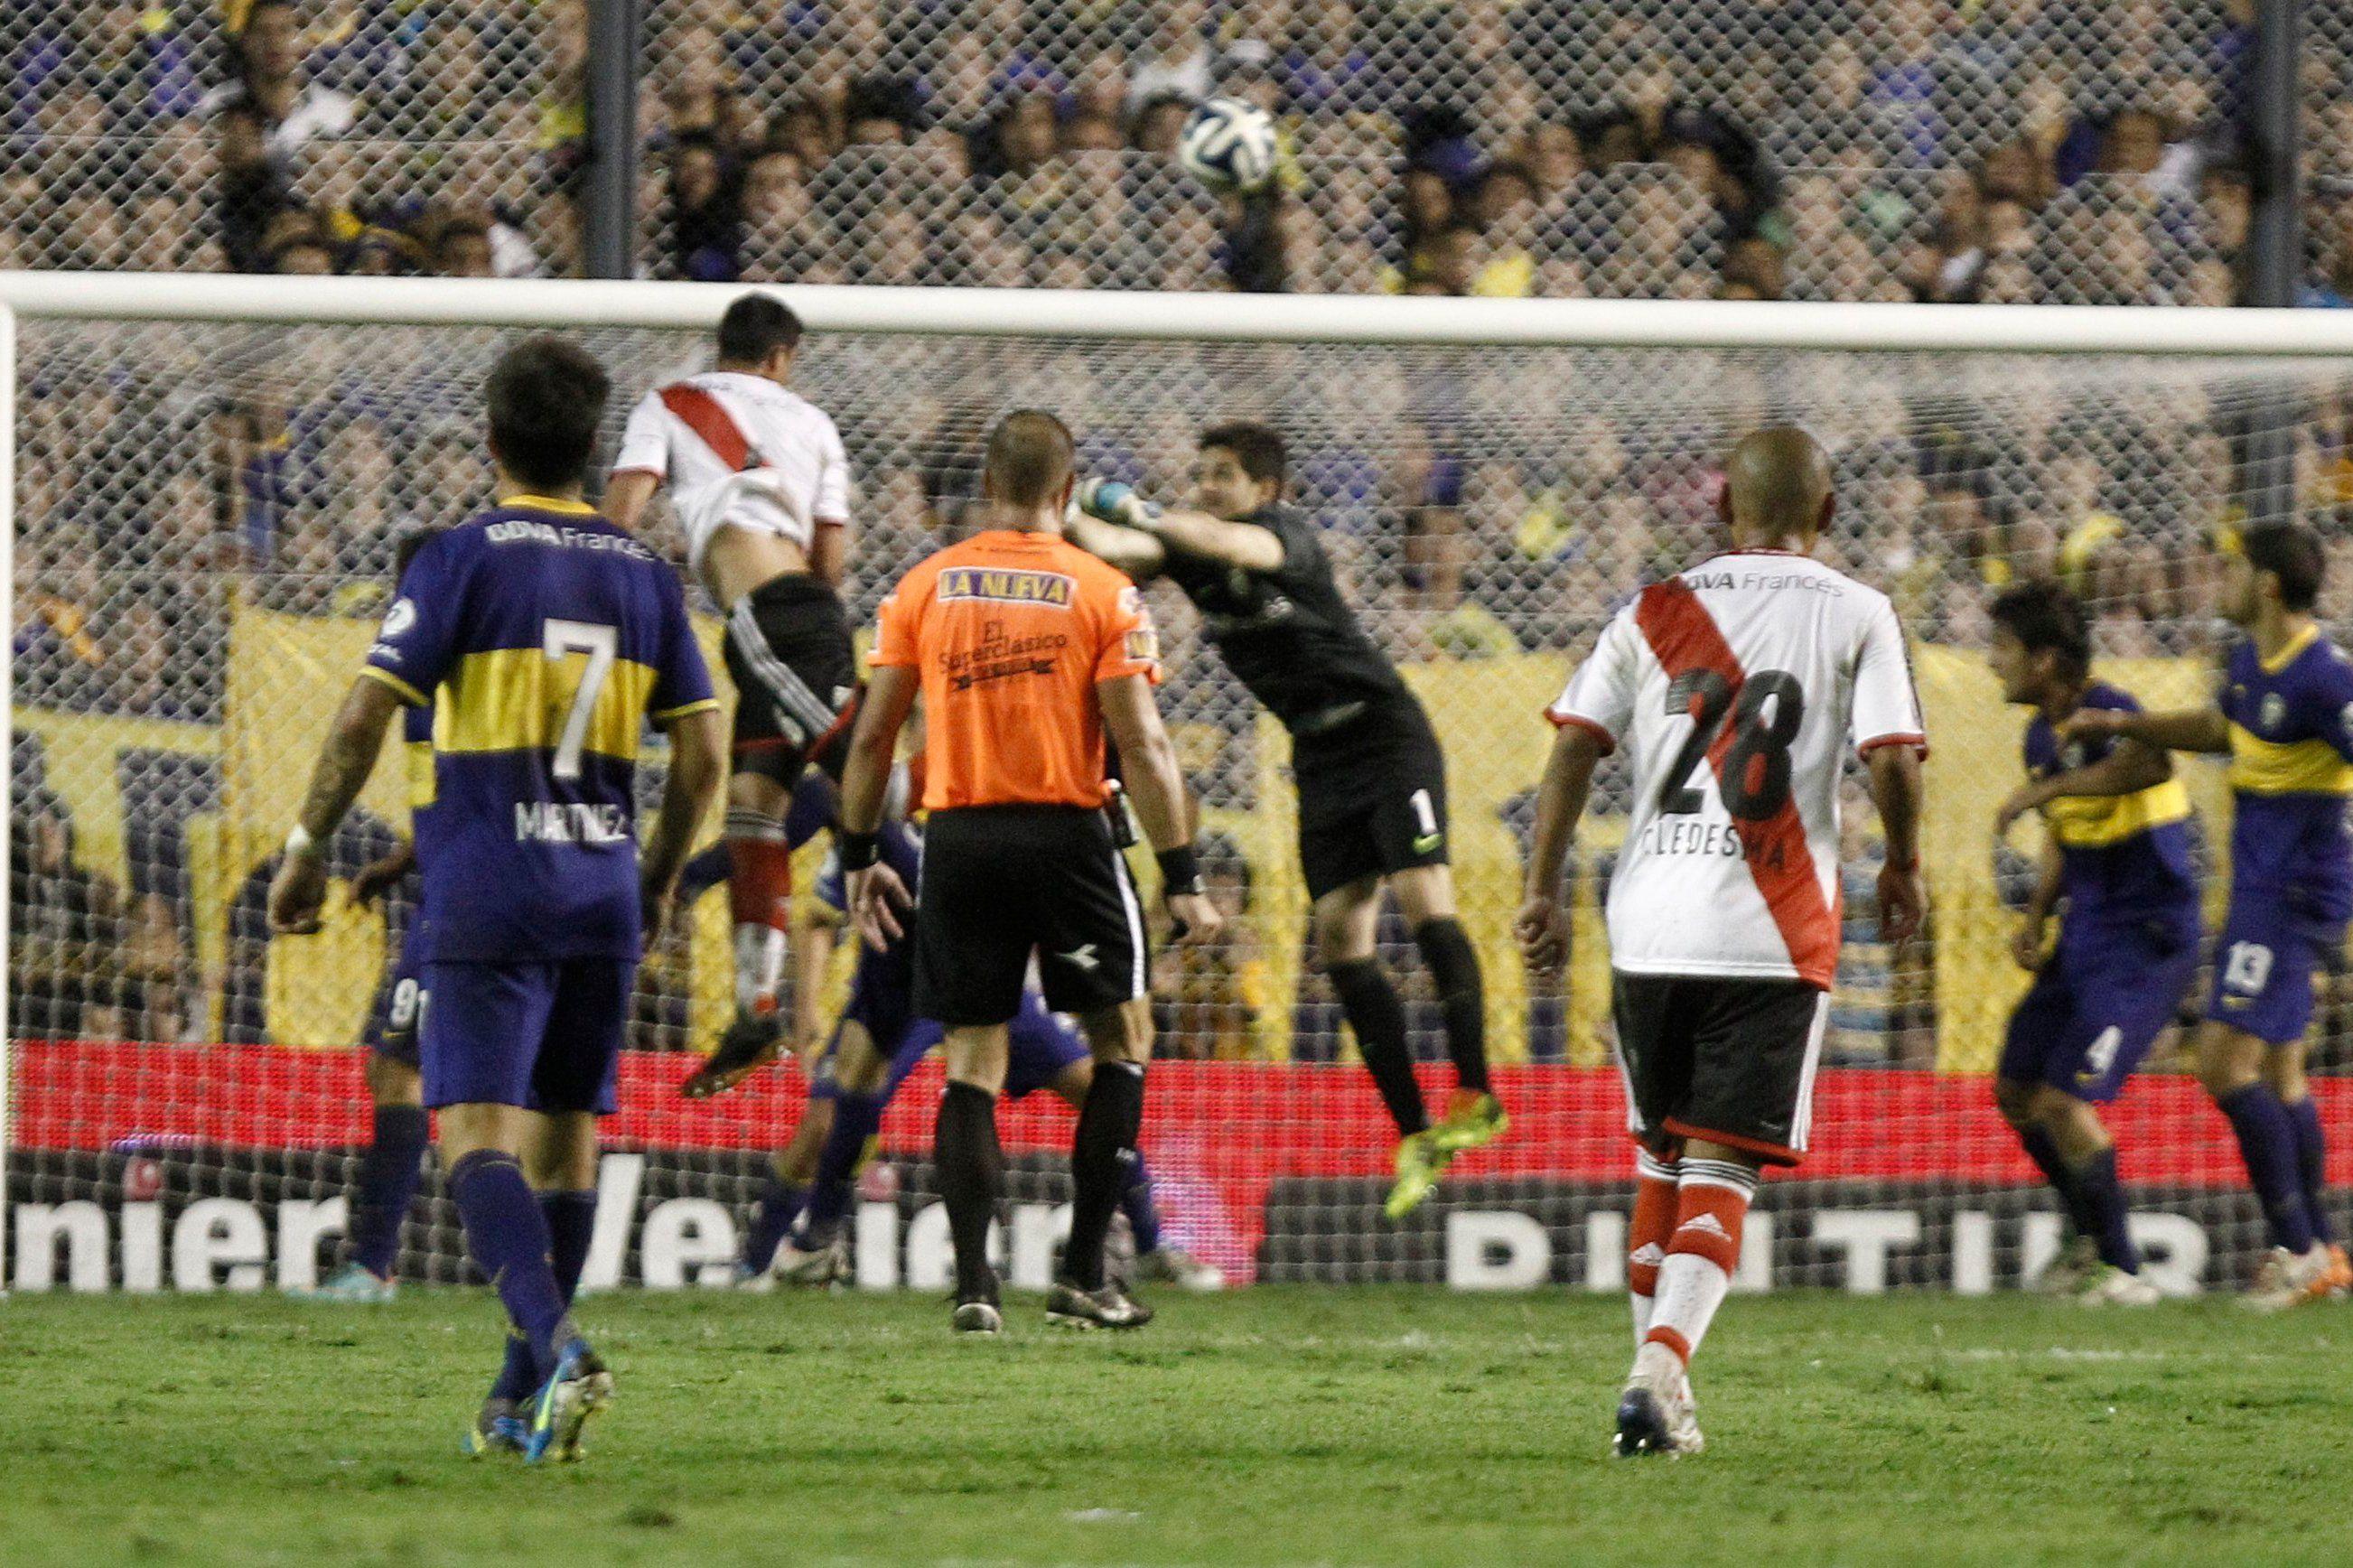 El despegue: a dos años del gol de Funes Mori a Boca que lo catapultó a Europa y la Selección